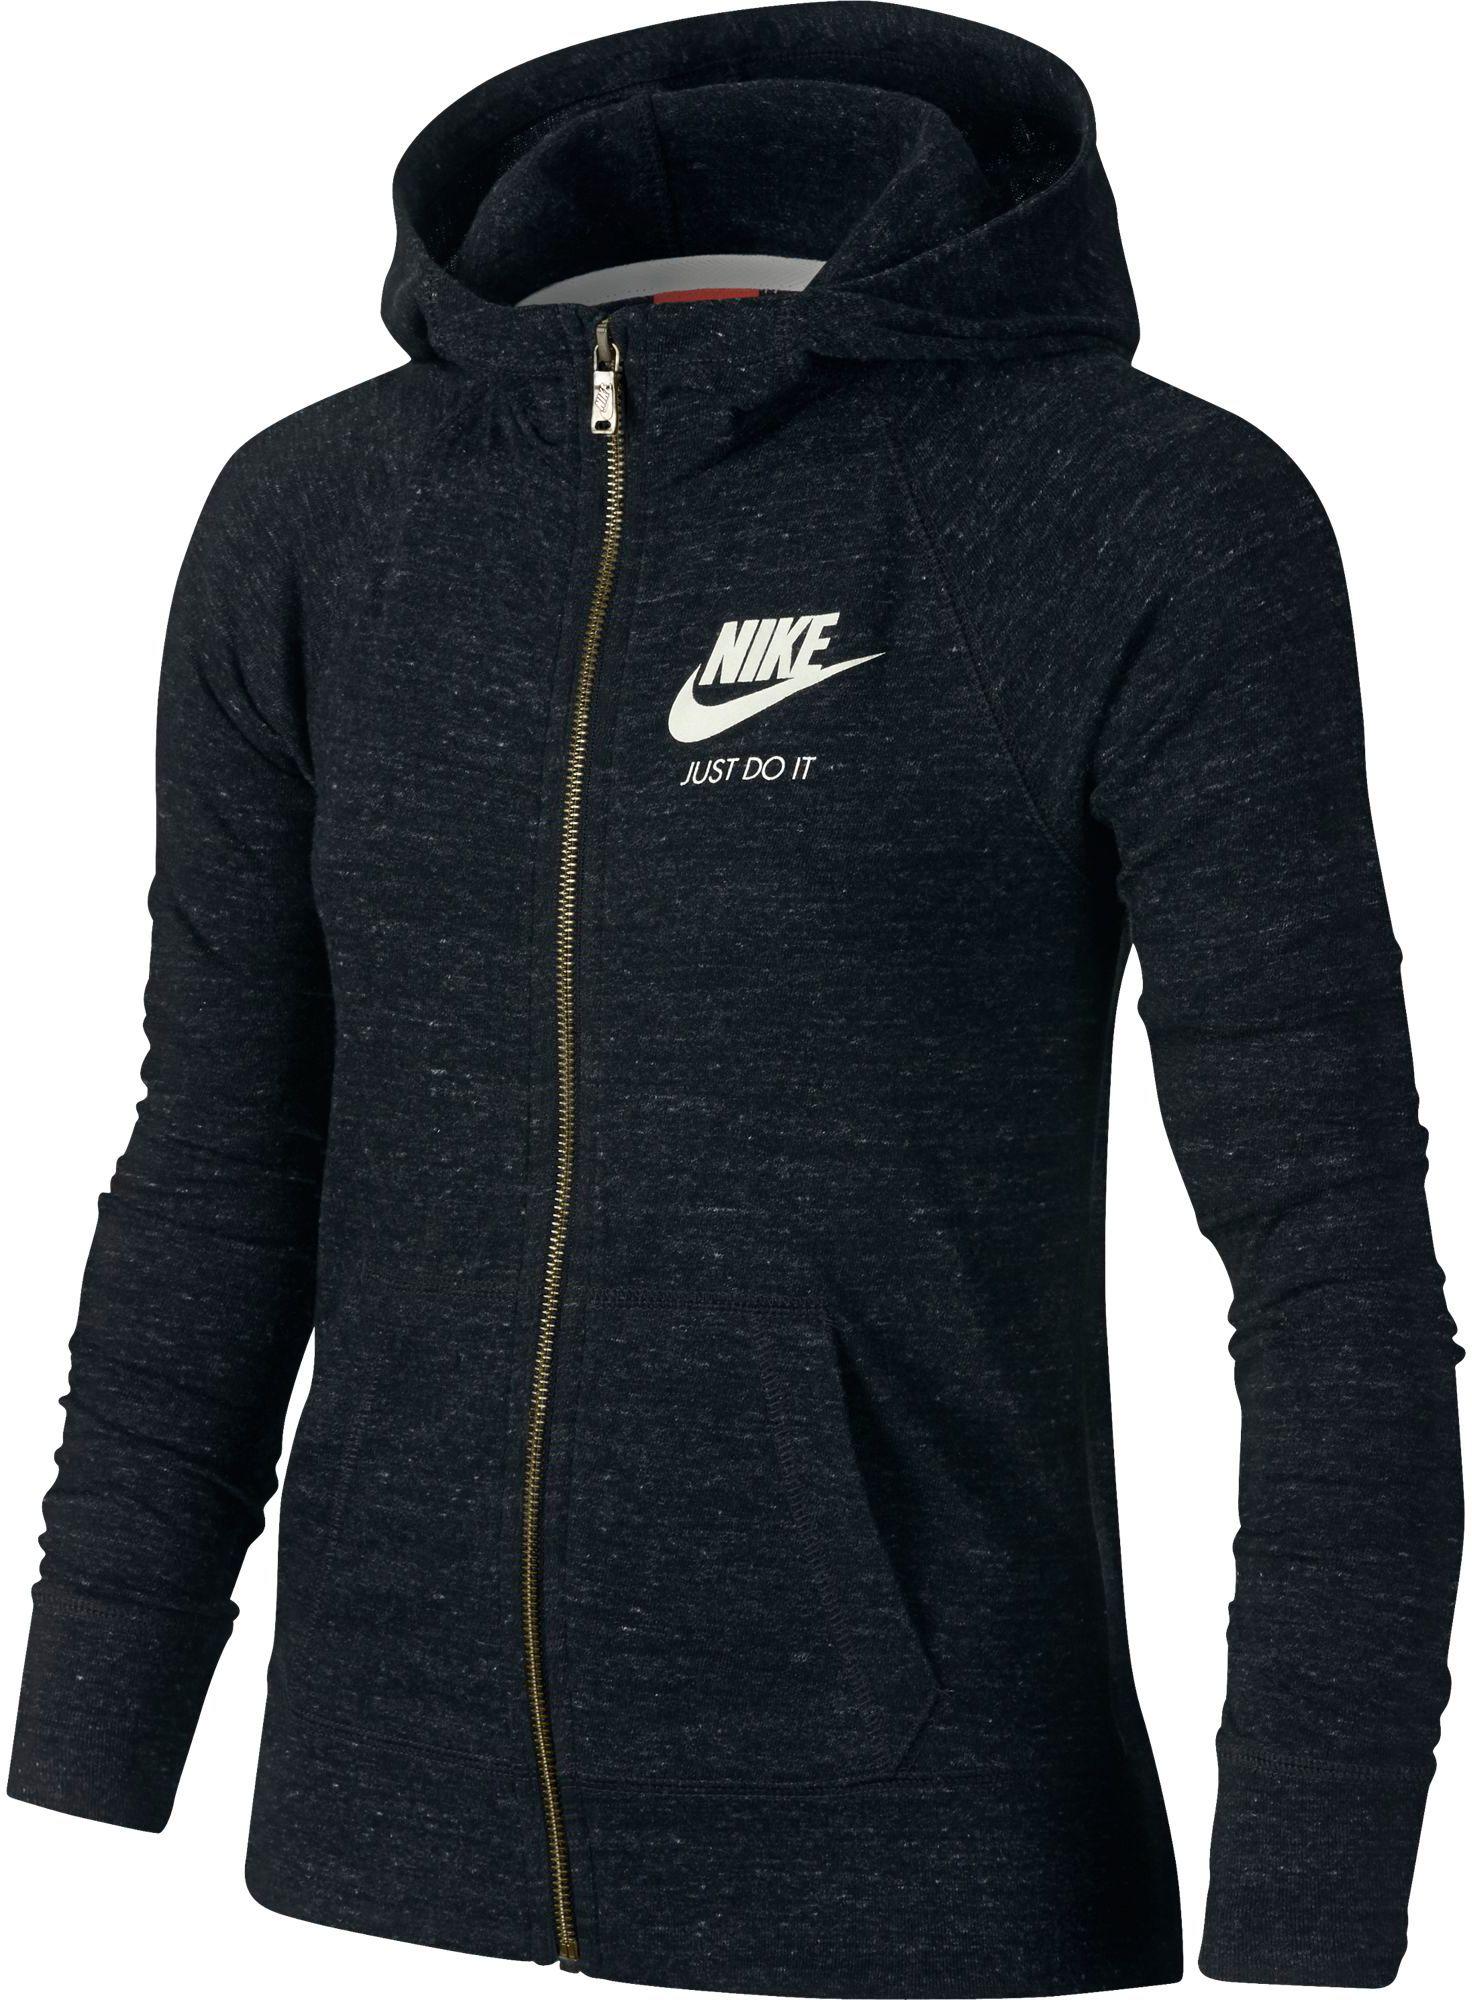 Nike Girls' Gym Vintage Full Zip Hoodie | DICK'S Sporting Goods